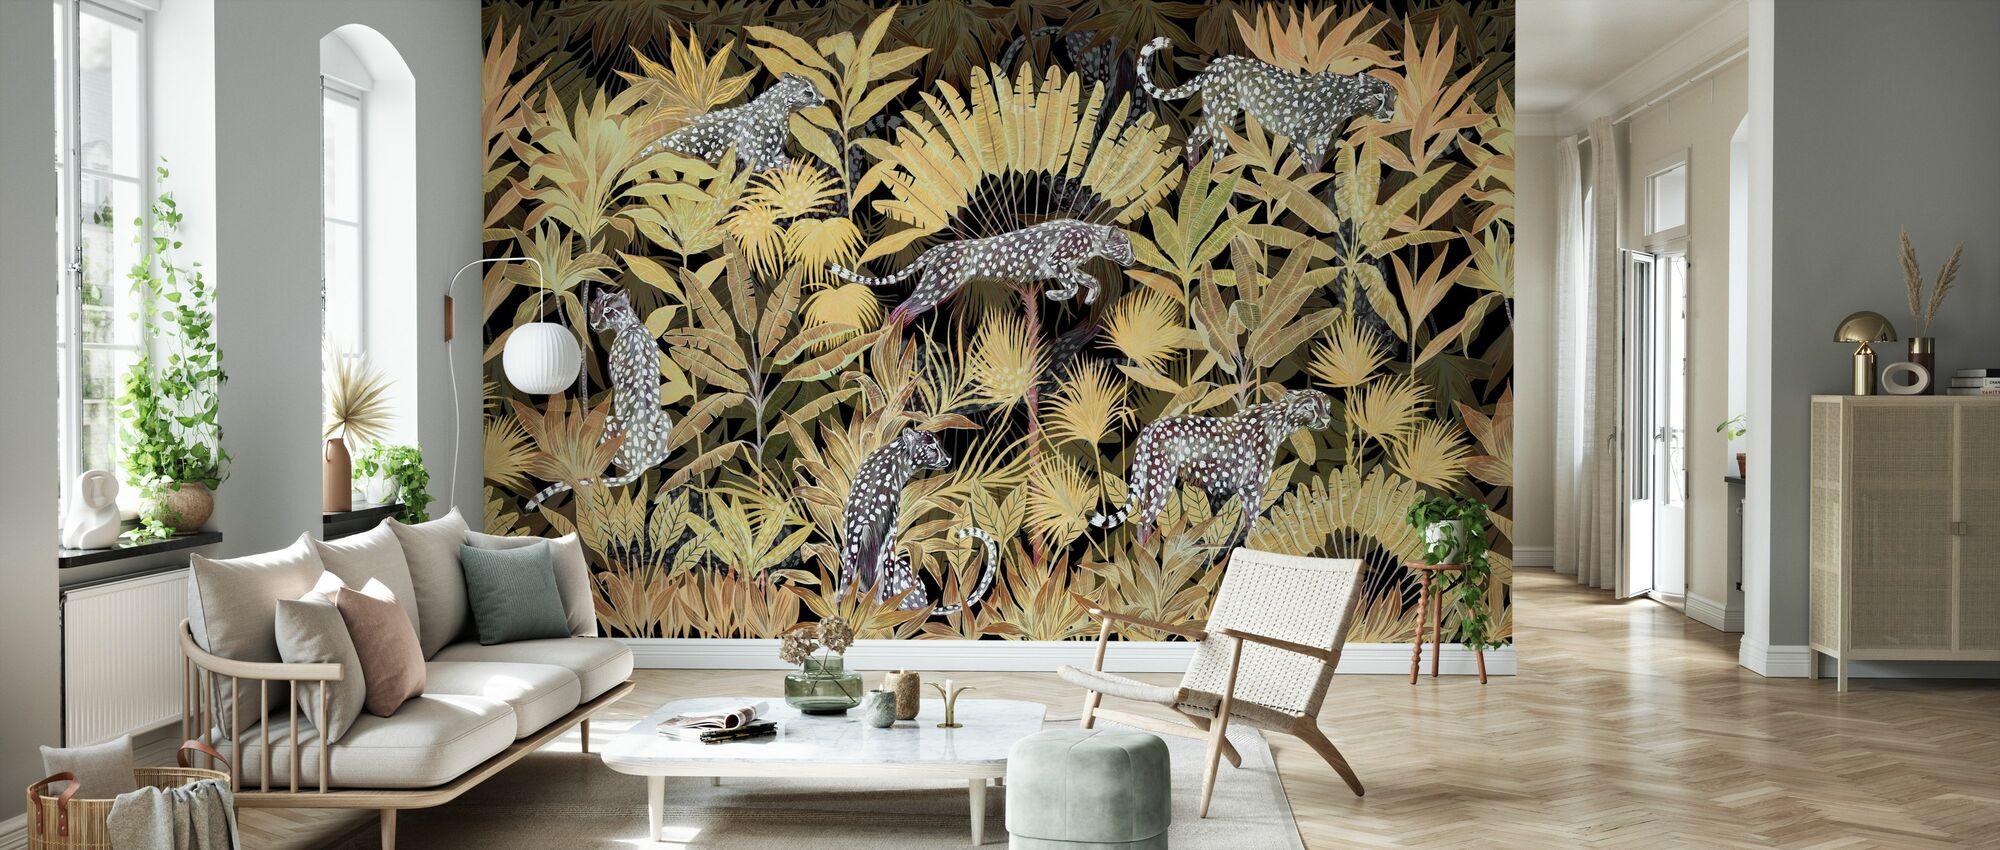 Lurking Cheetahs - Midnight - Wallpaper - Living Room